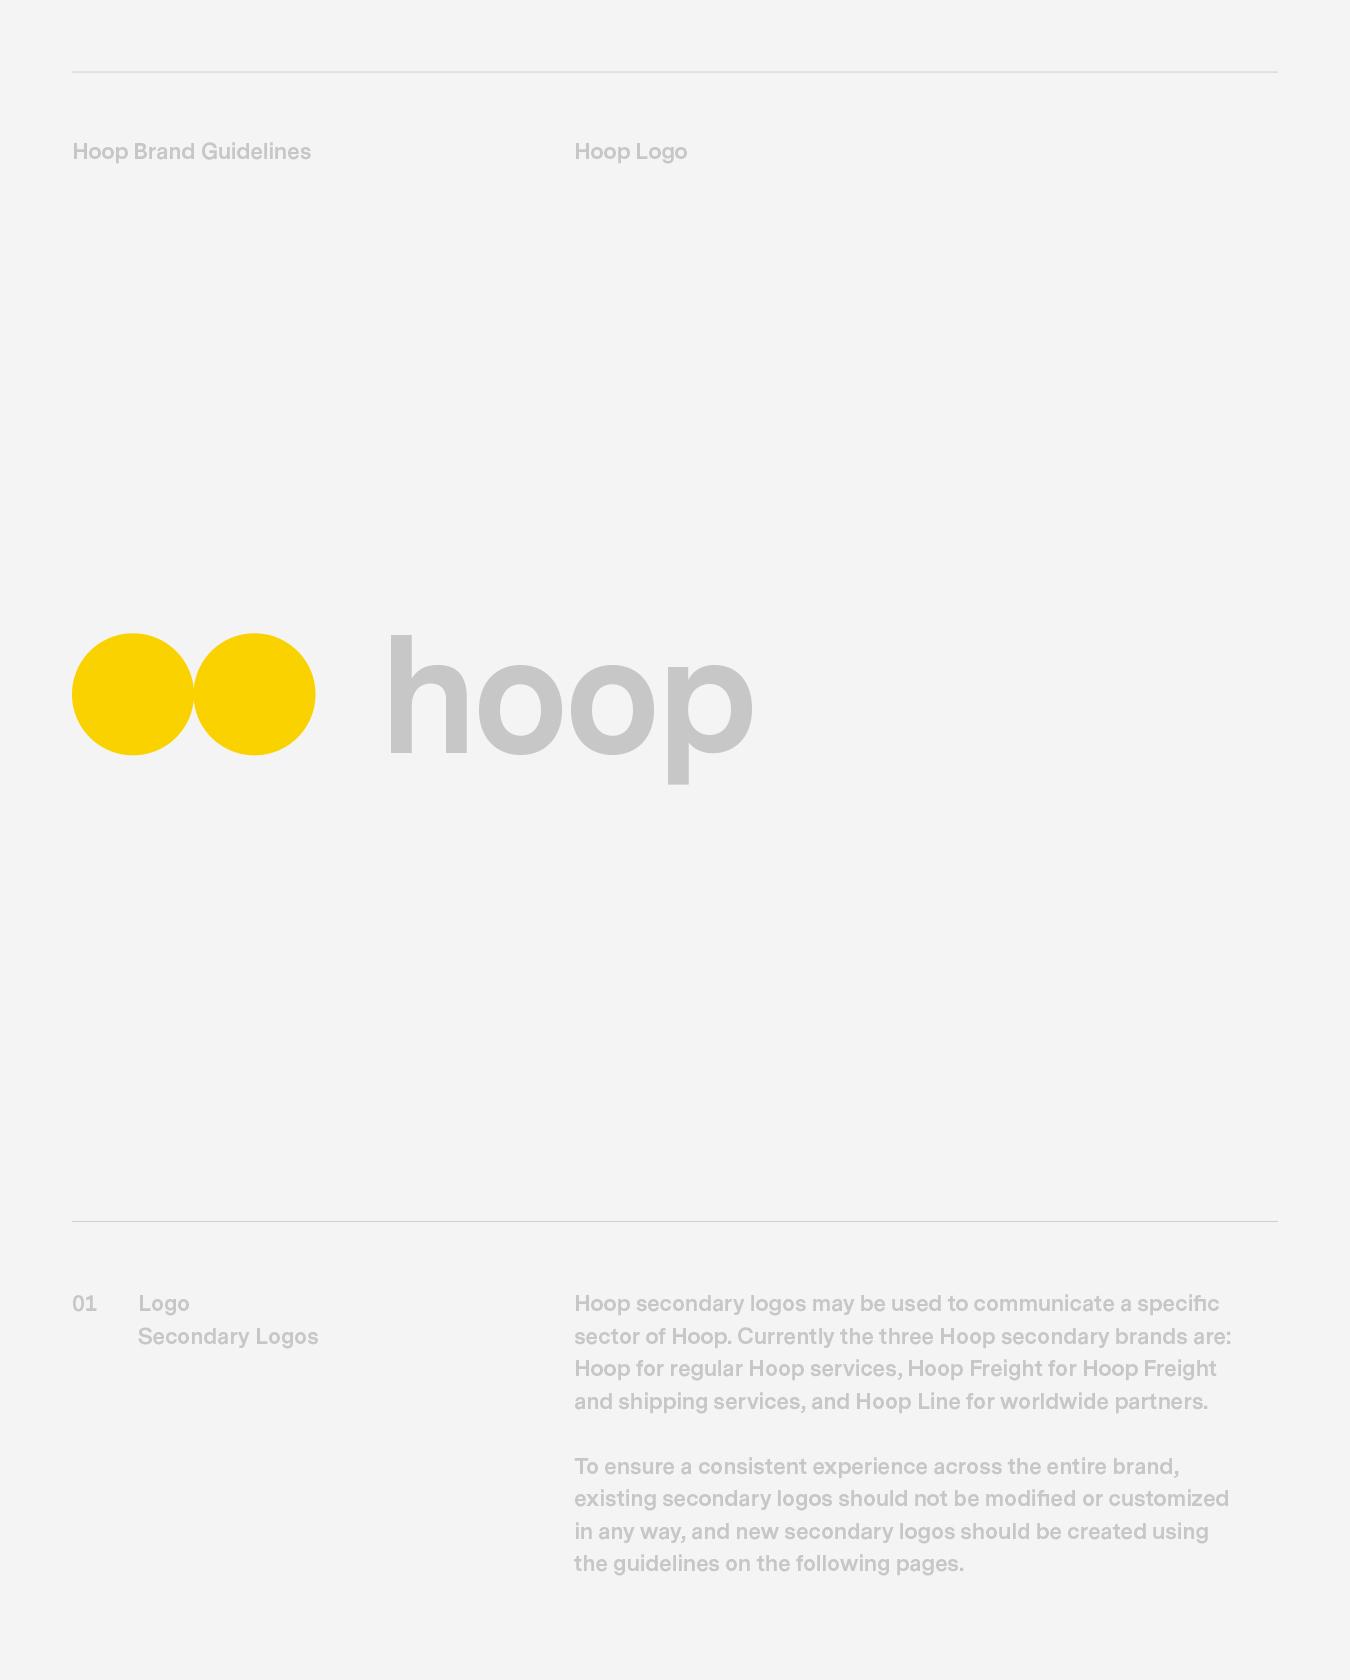 hoop_guidelines_01